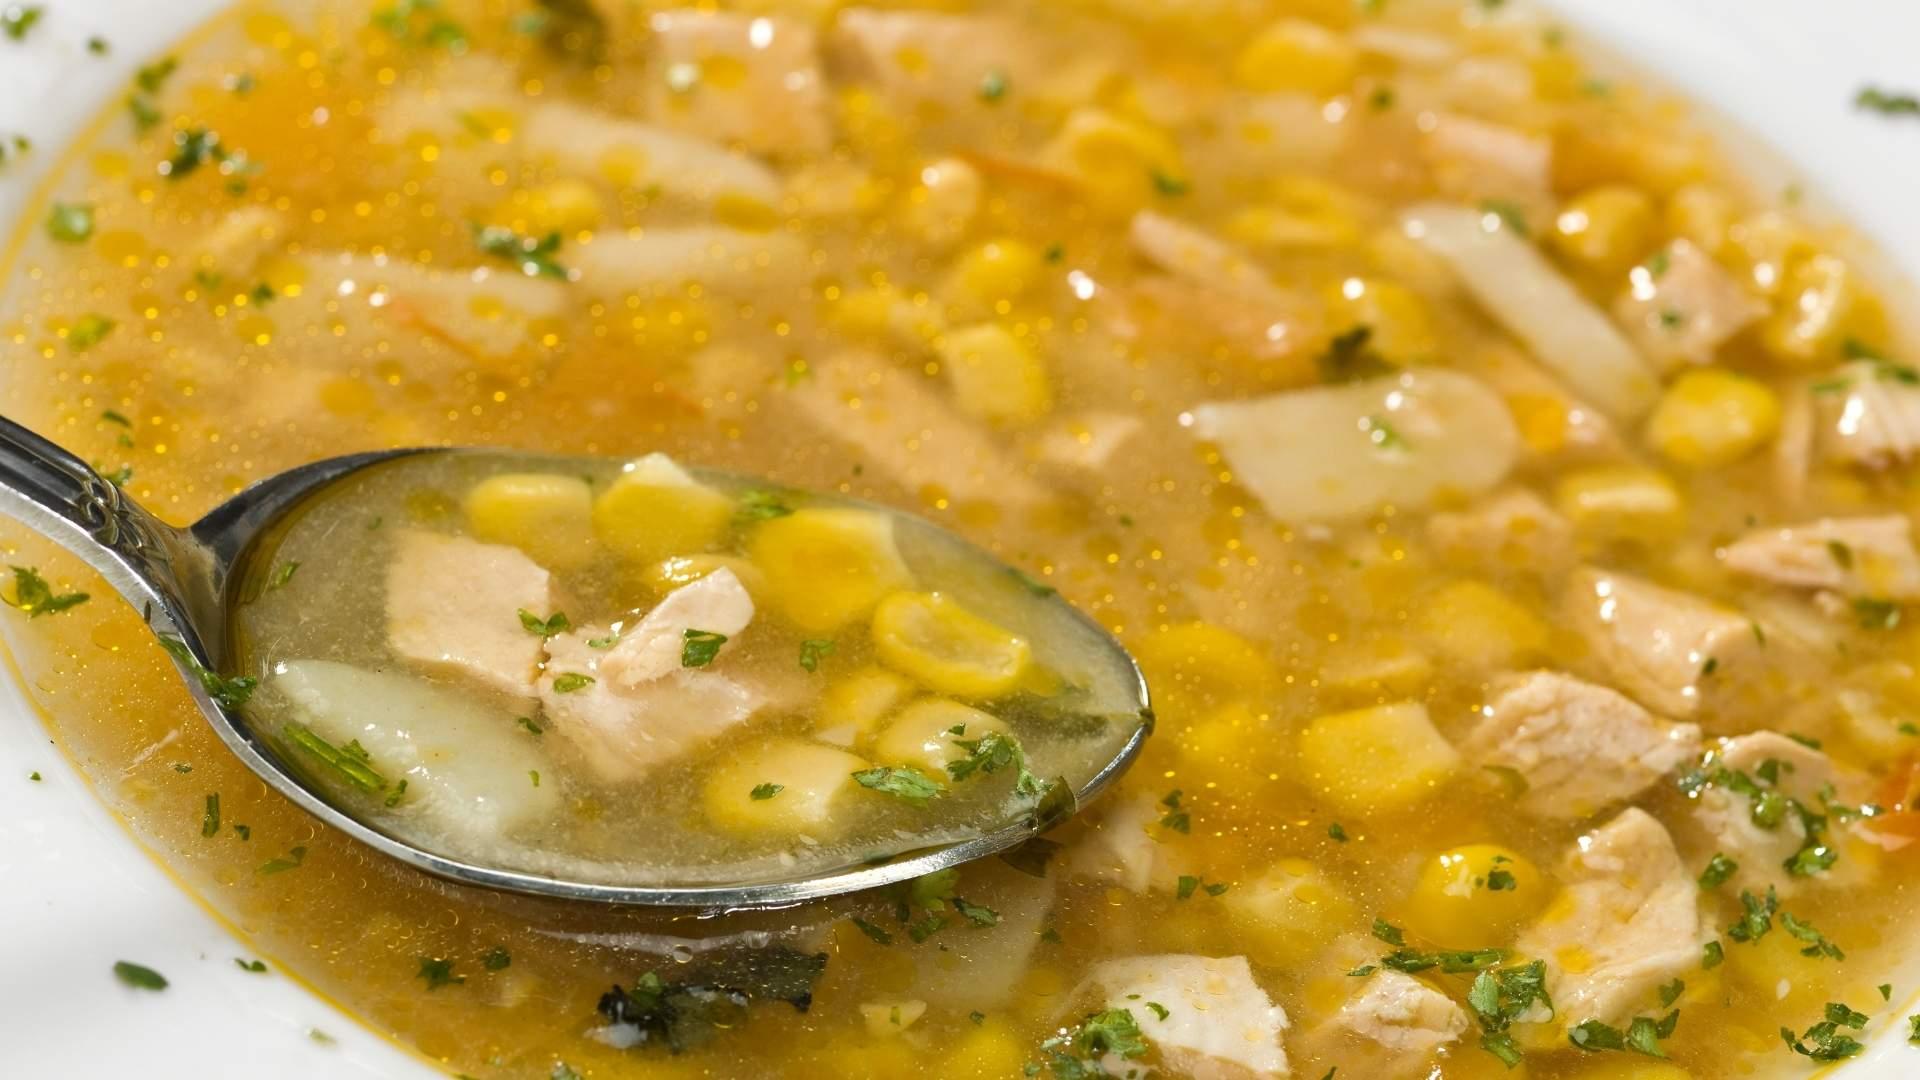 Receita de sopa cremosa de milho com frango